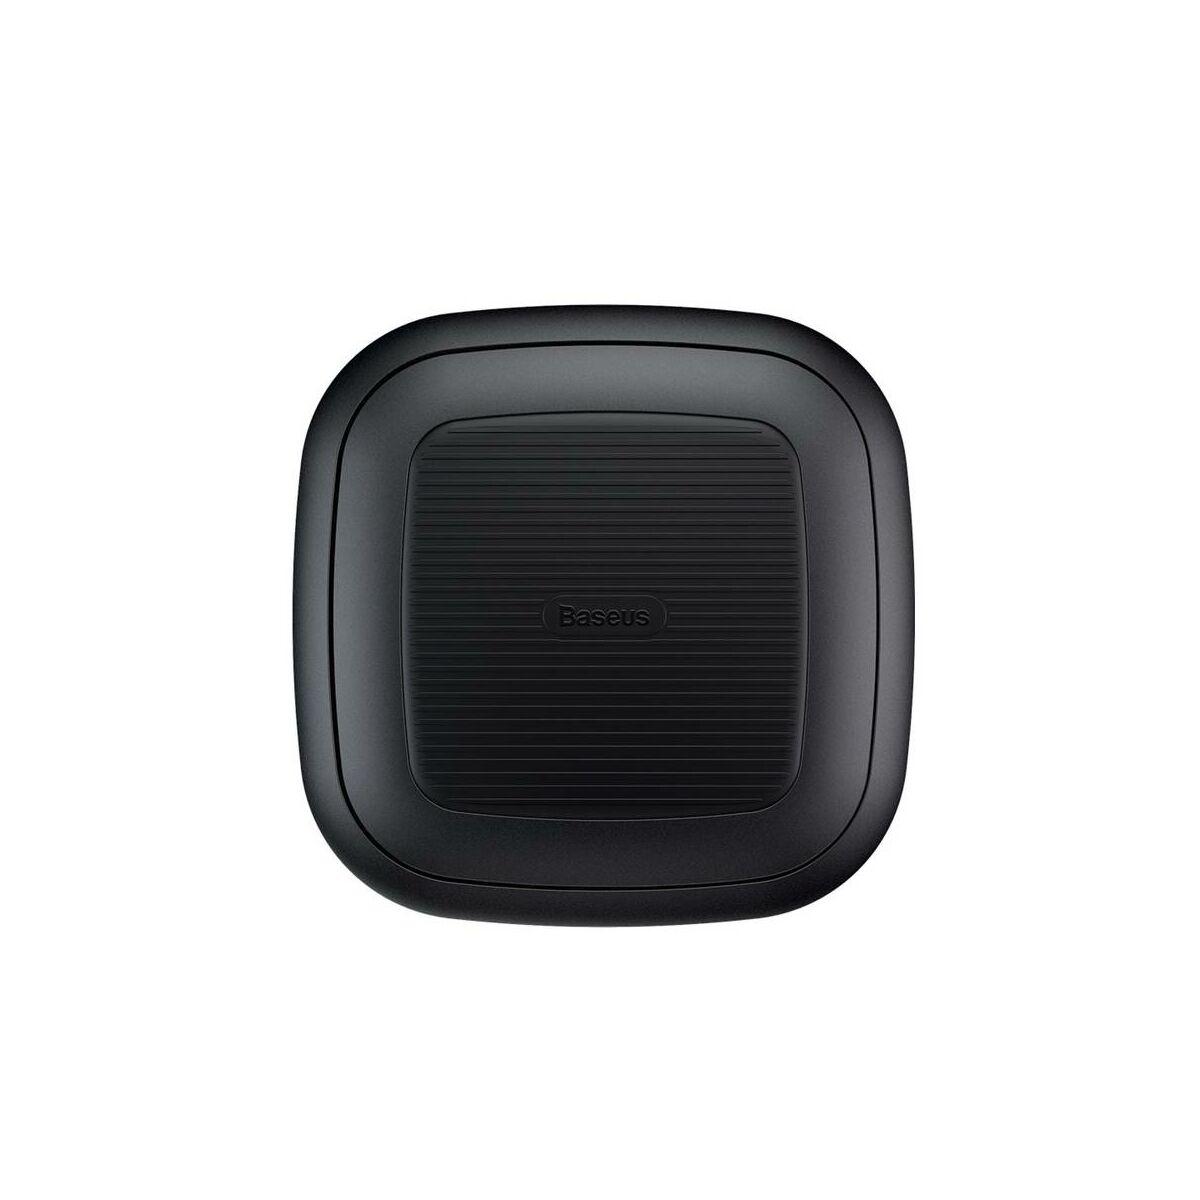 Baseus HUB, Mate Dokkkoló Type-C csatlakozós Mobilokhoz, Intelligens bővített foglalat, (magas konfigurálhatóság), szürke (CAHUB-S0G)